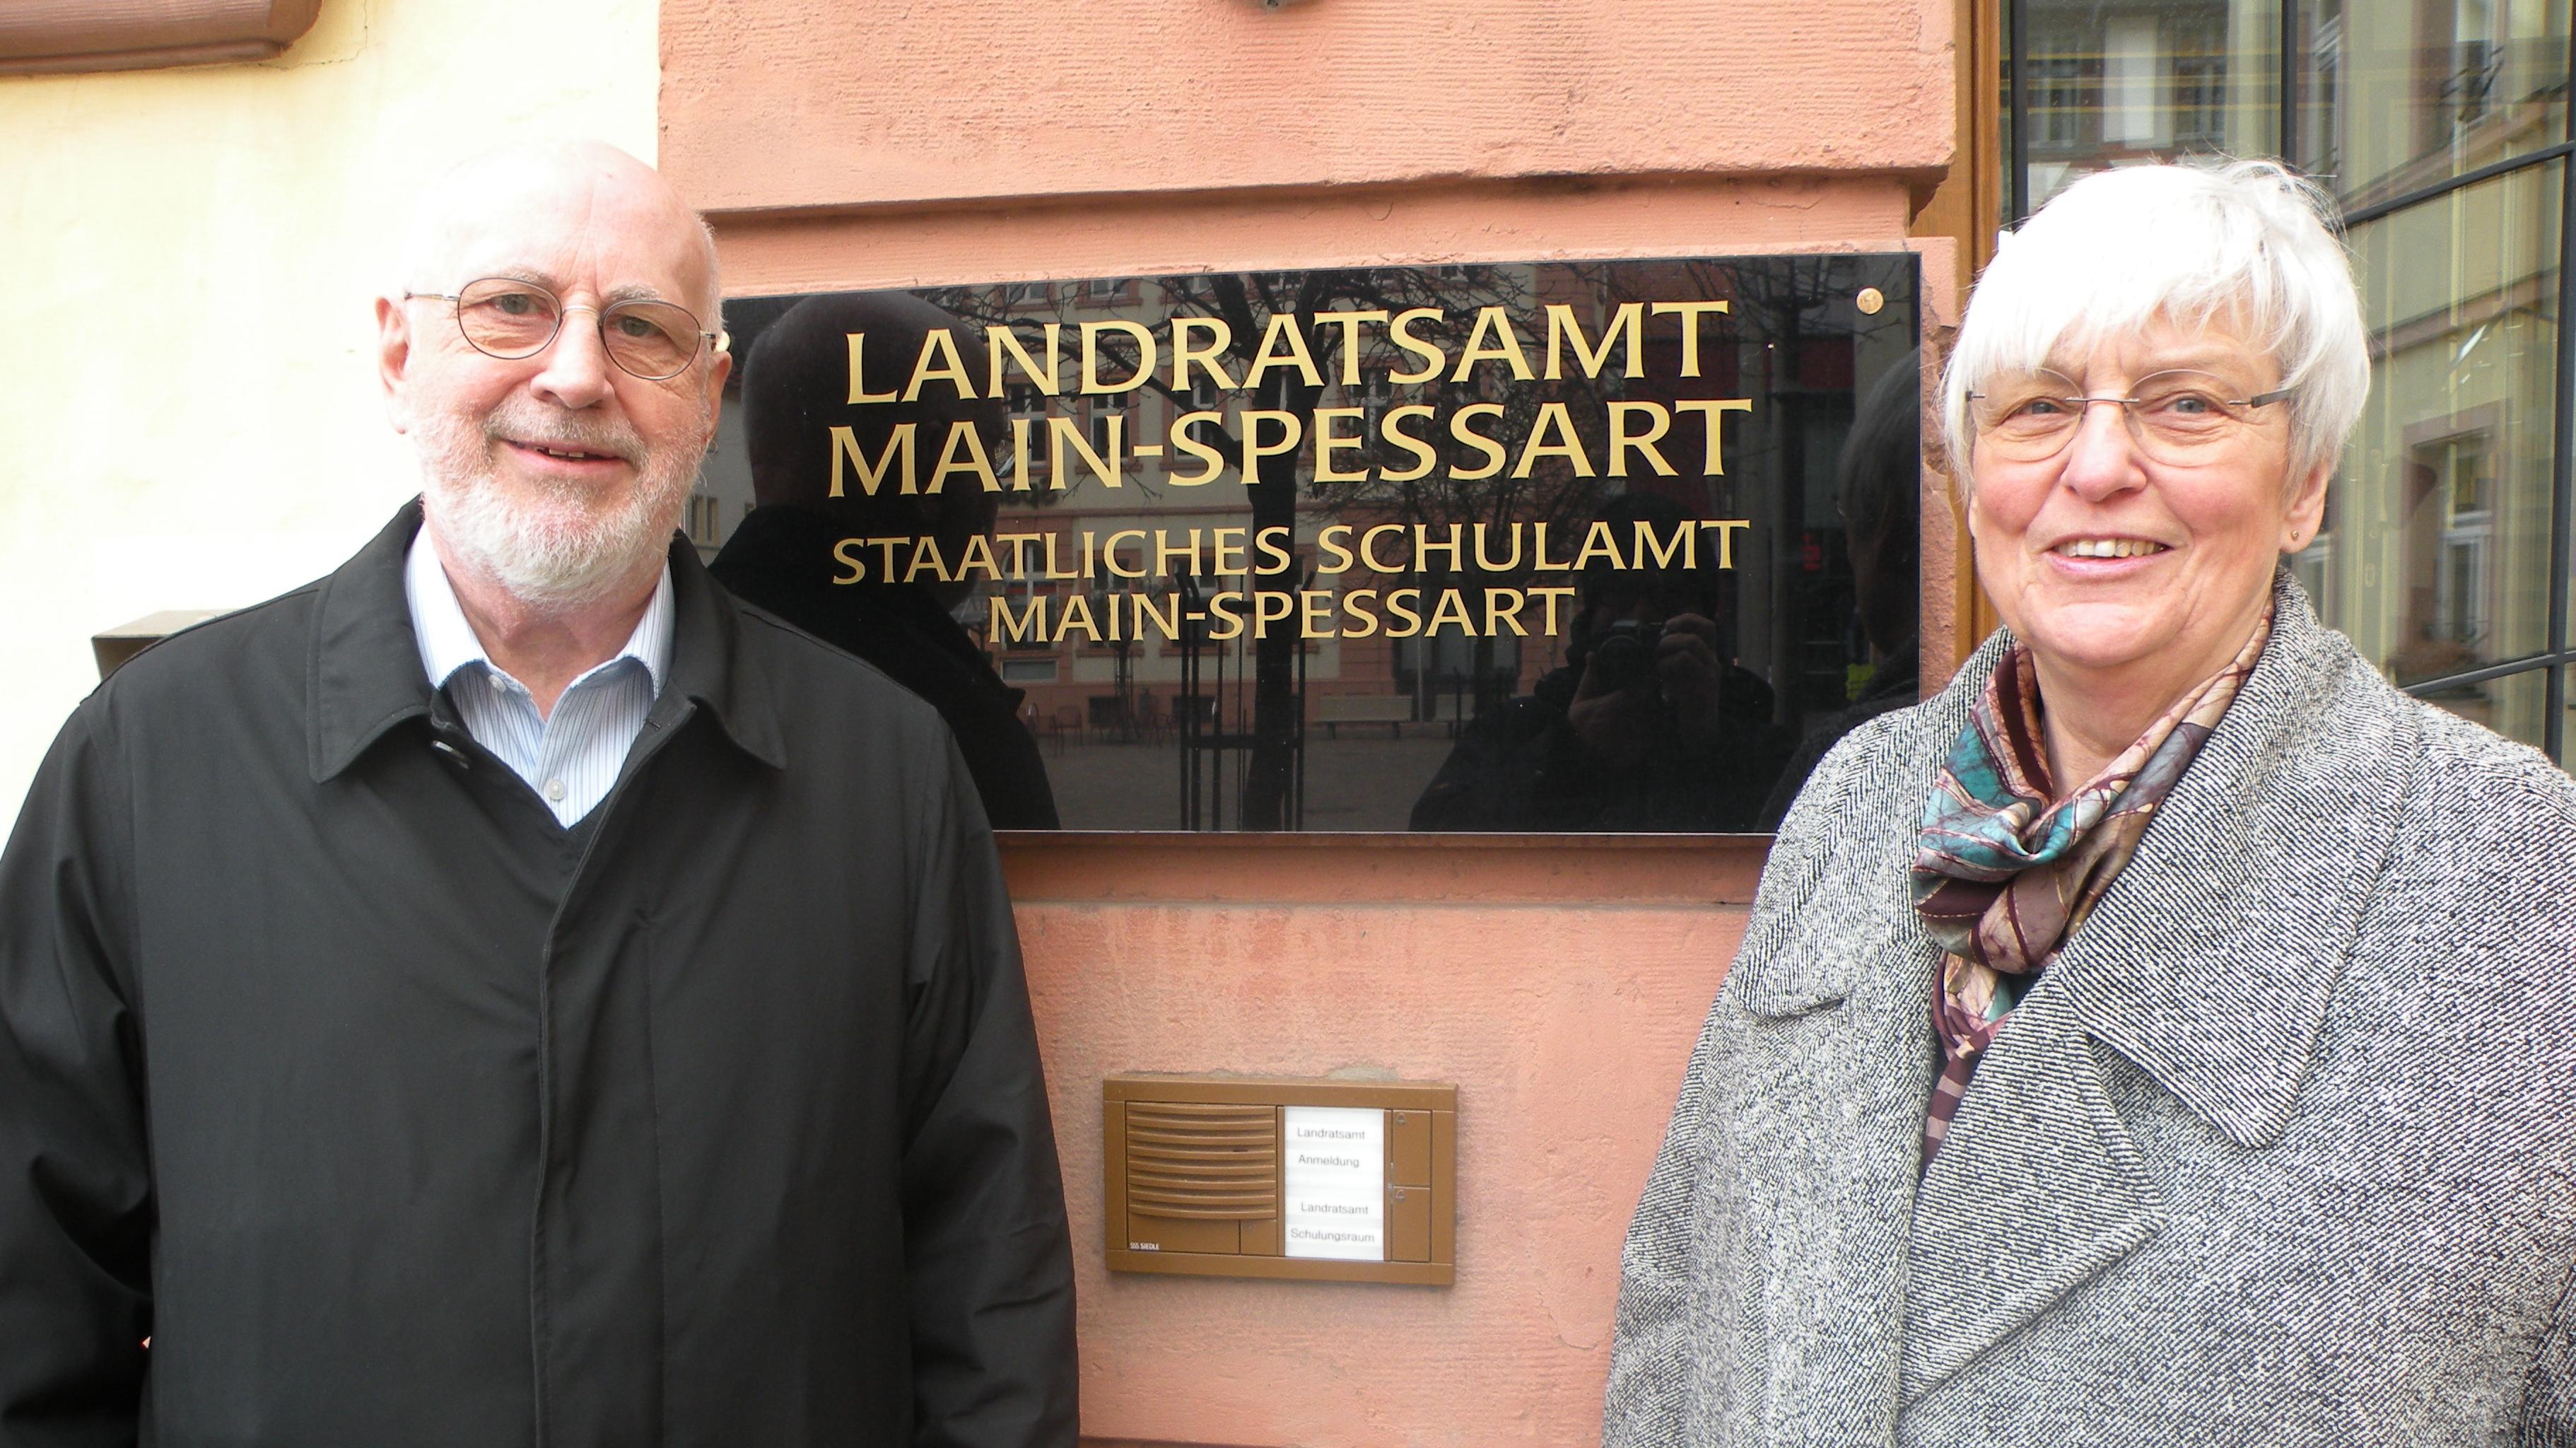 Ehepaar Sims vor dem Landratsamt Main-Spessart